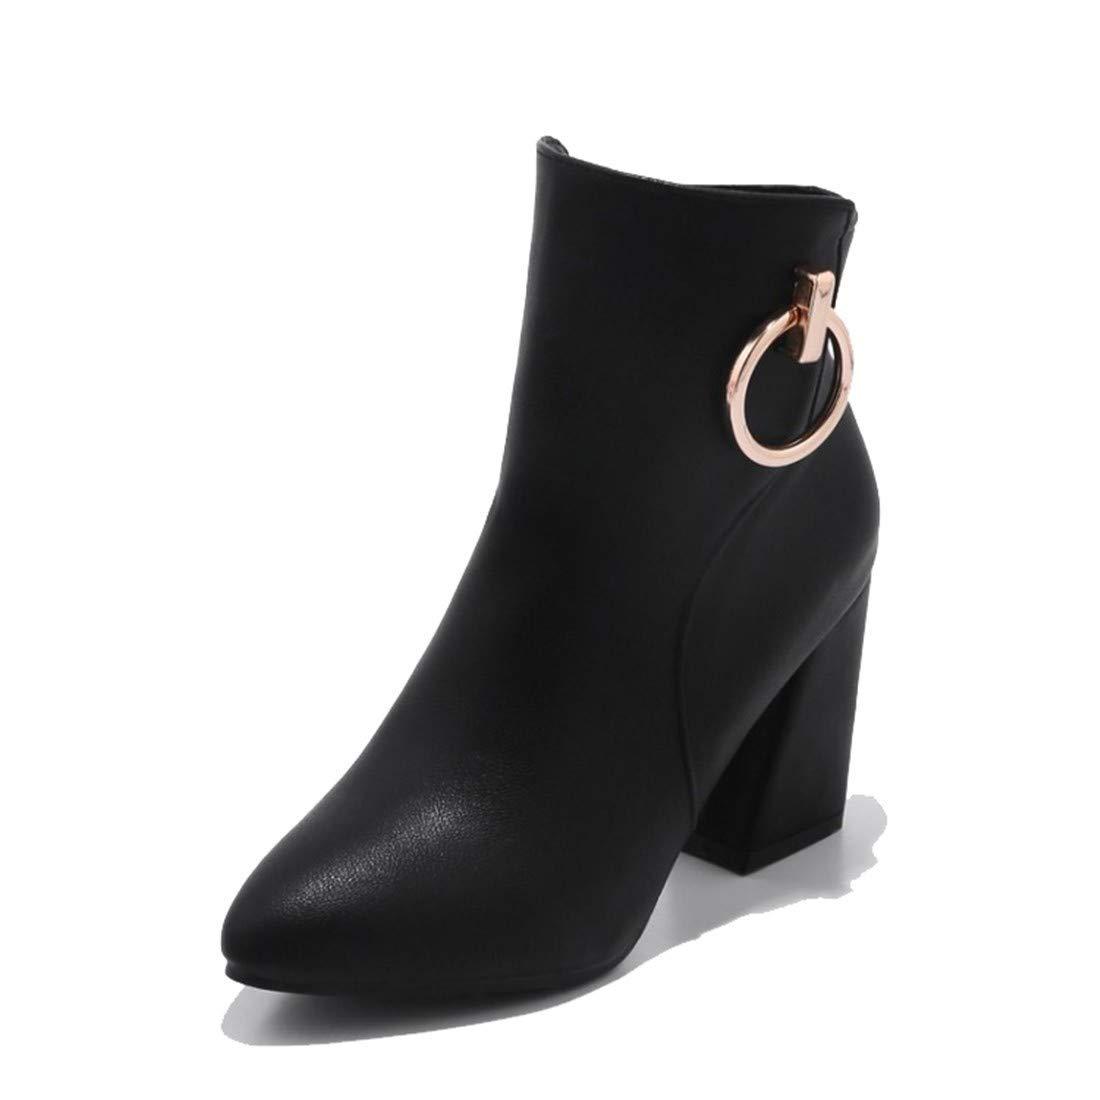 Bottes Black 19995 Femme | Bottines | B000LEQMF2 Chaussures de Femme Black a75fd10 - automatisms.space